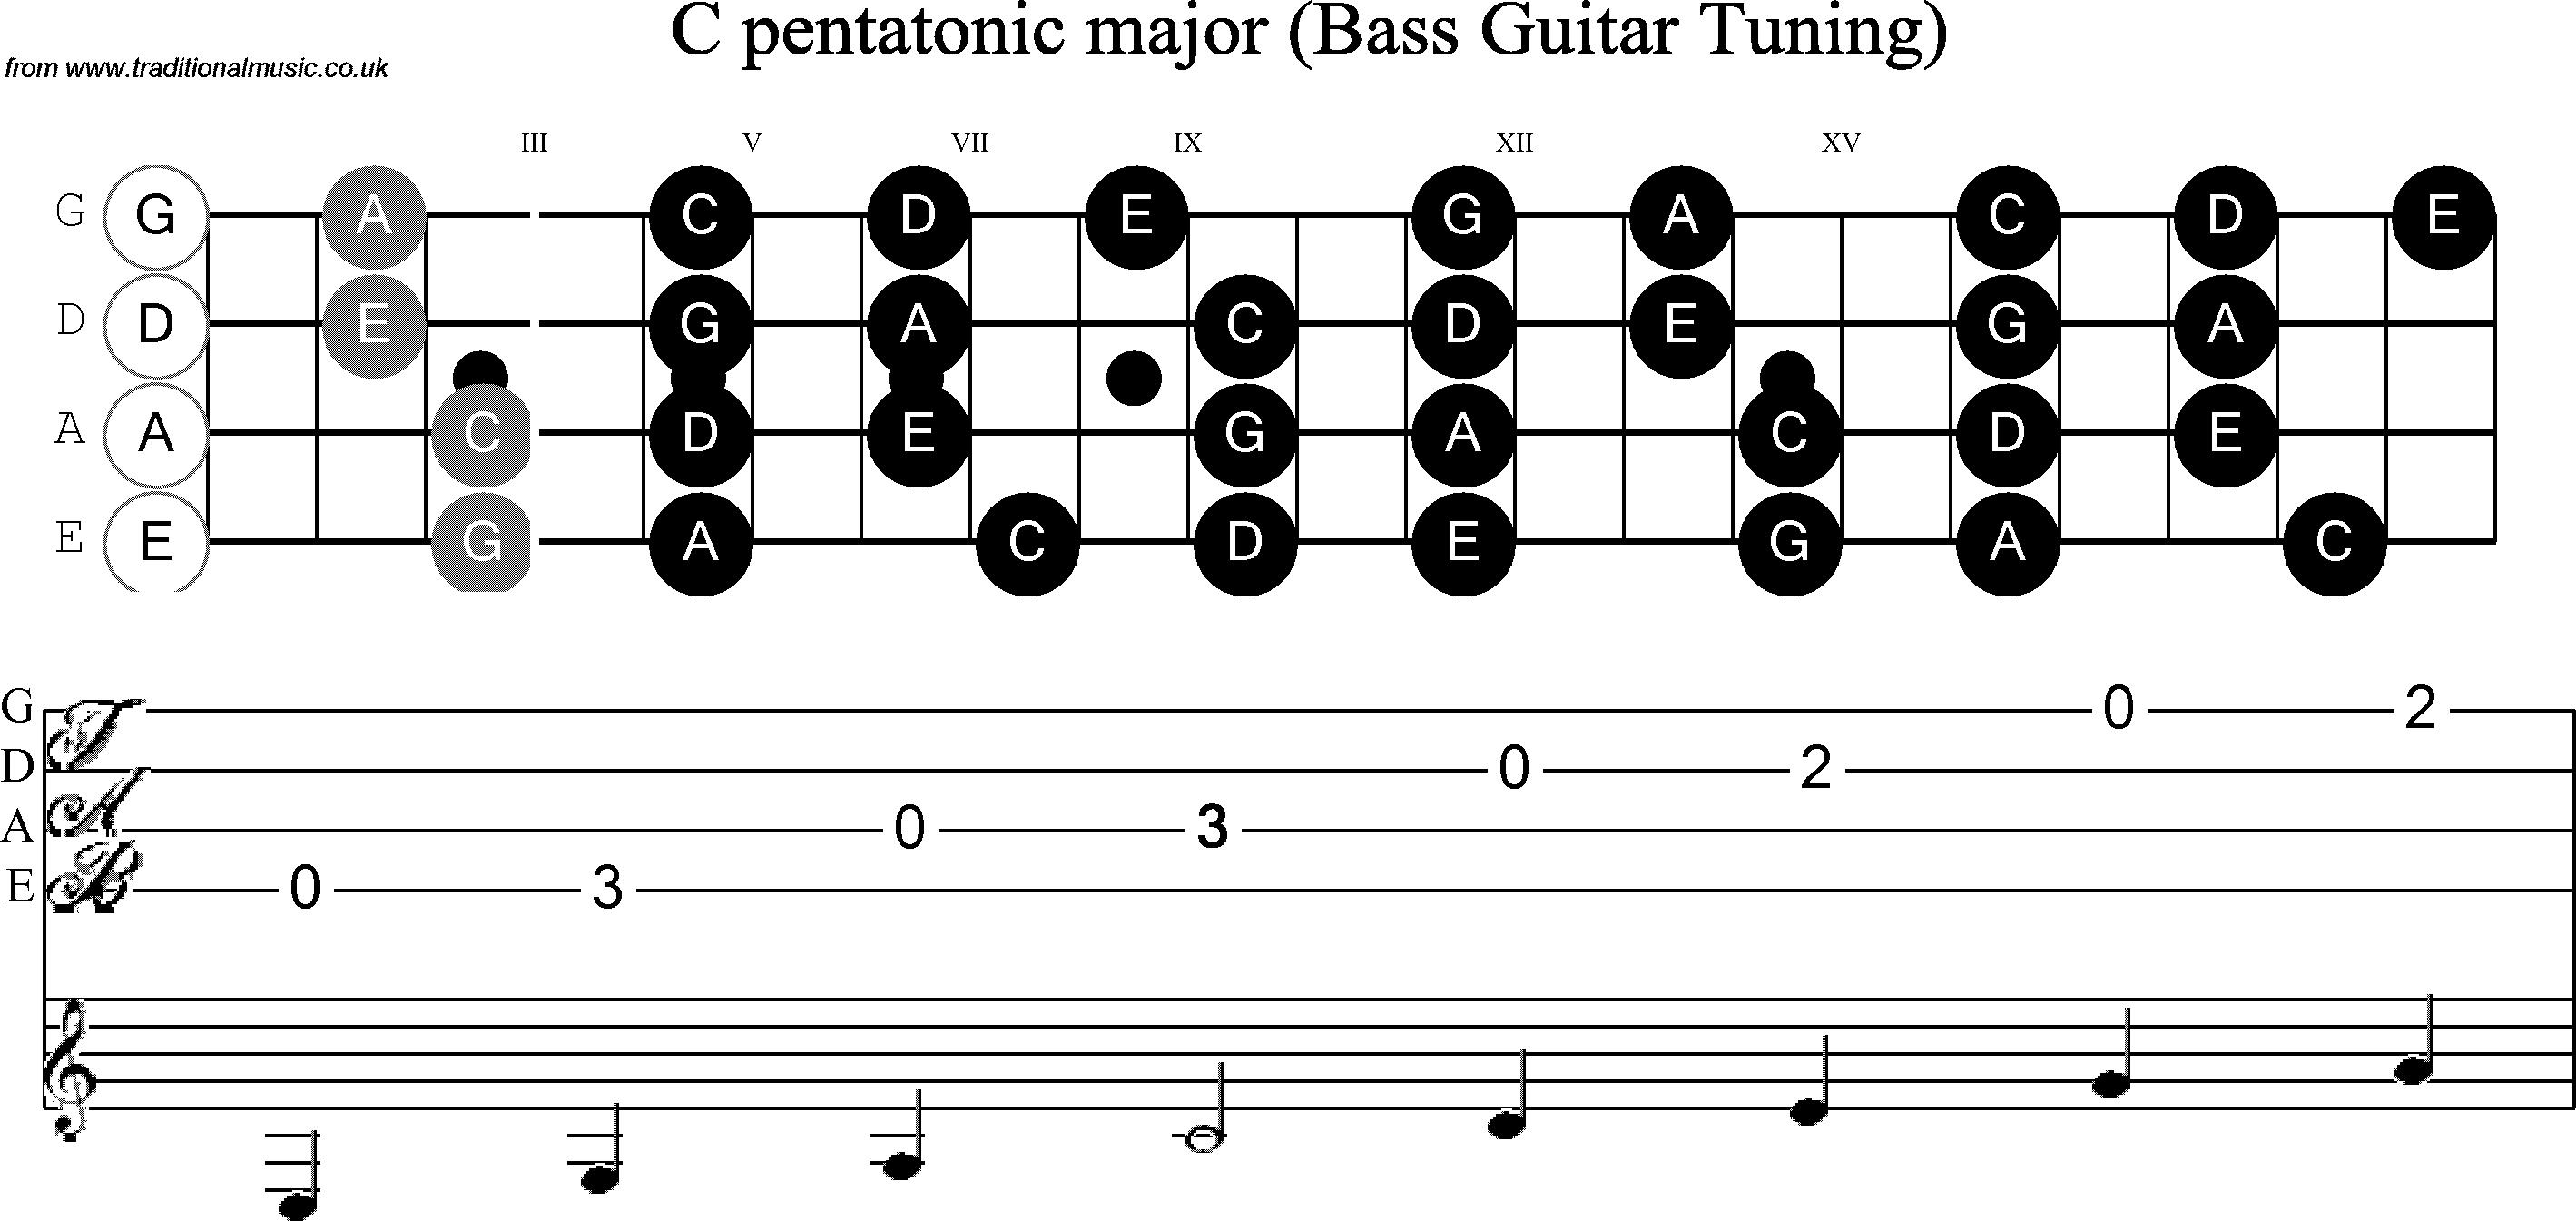 blank mandolin fretboard diagram rotork wiring 3100 bass guitar neck